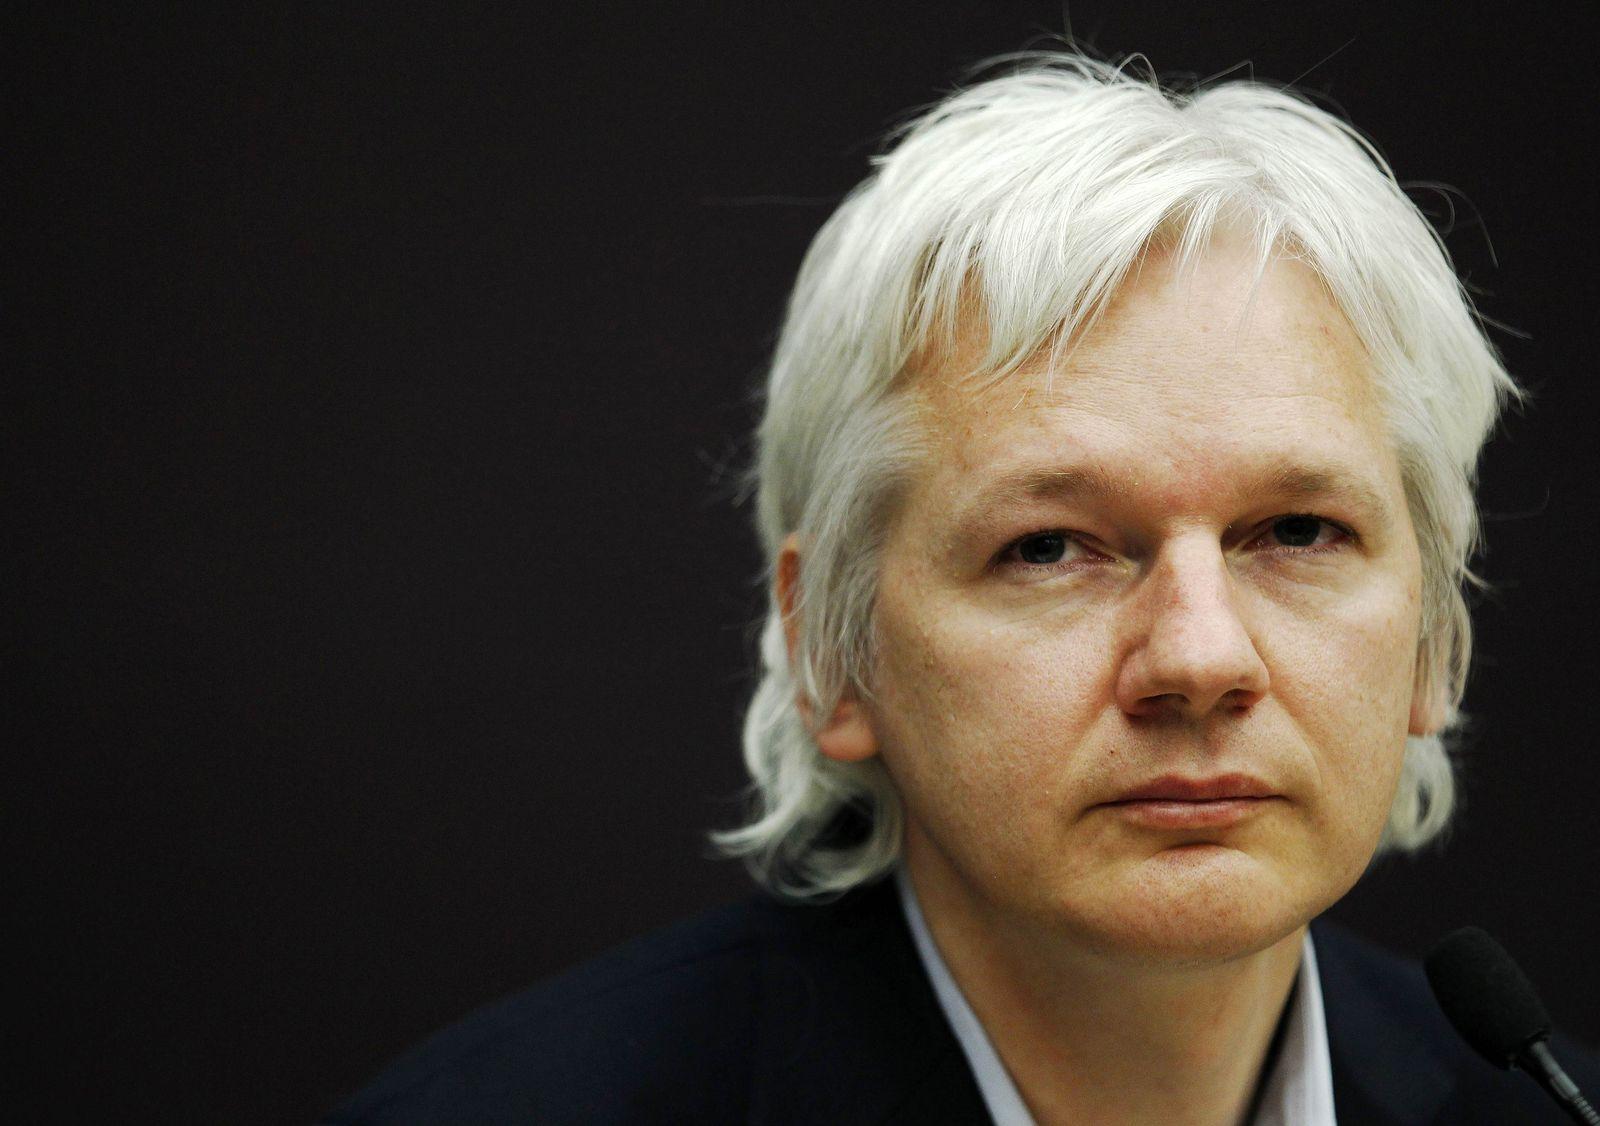 BRITAIN/Julian Assange Wikileaks